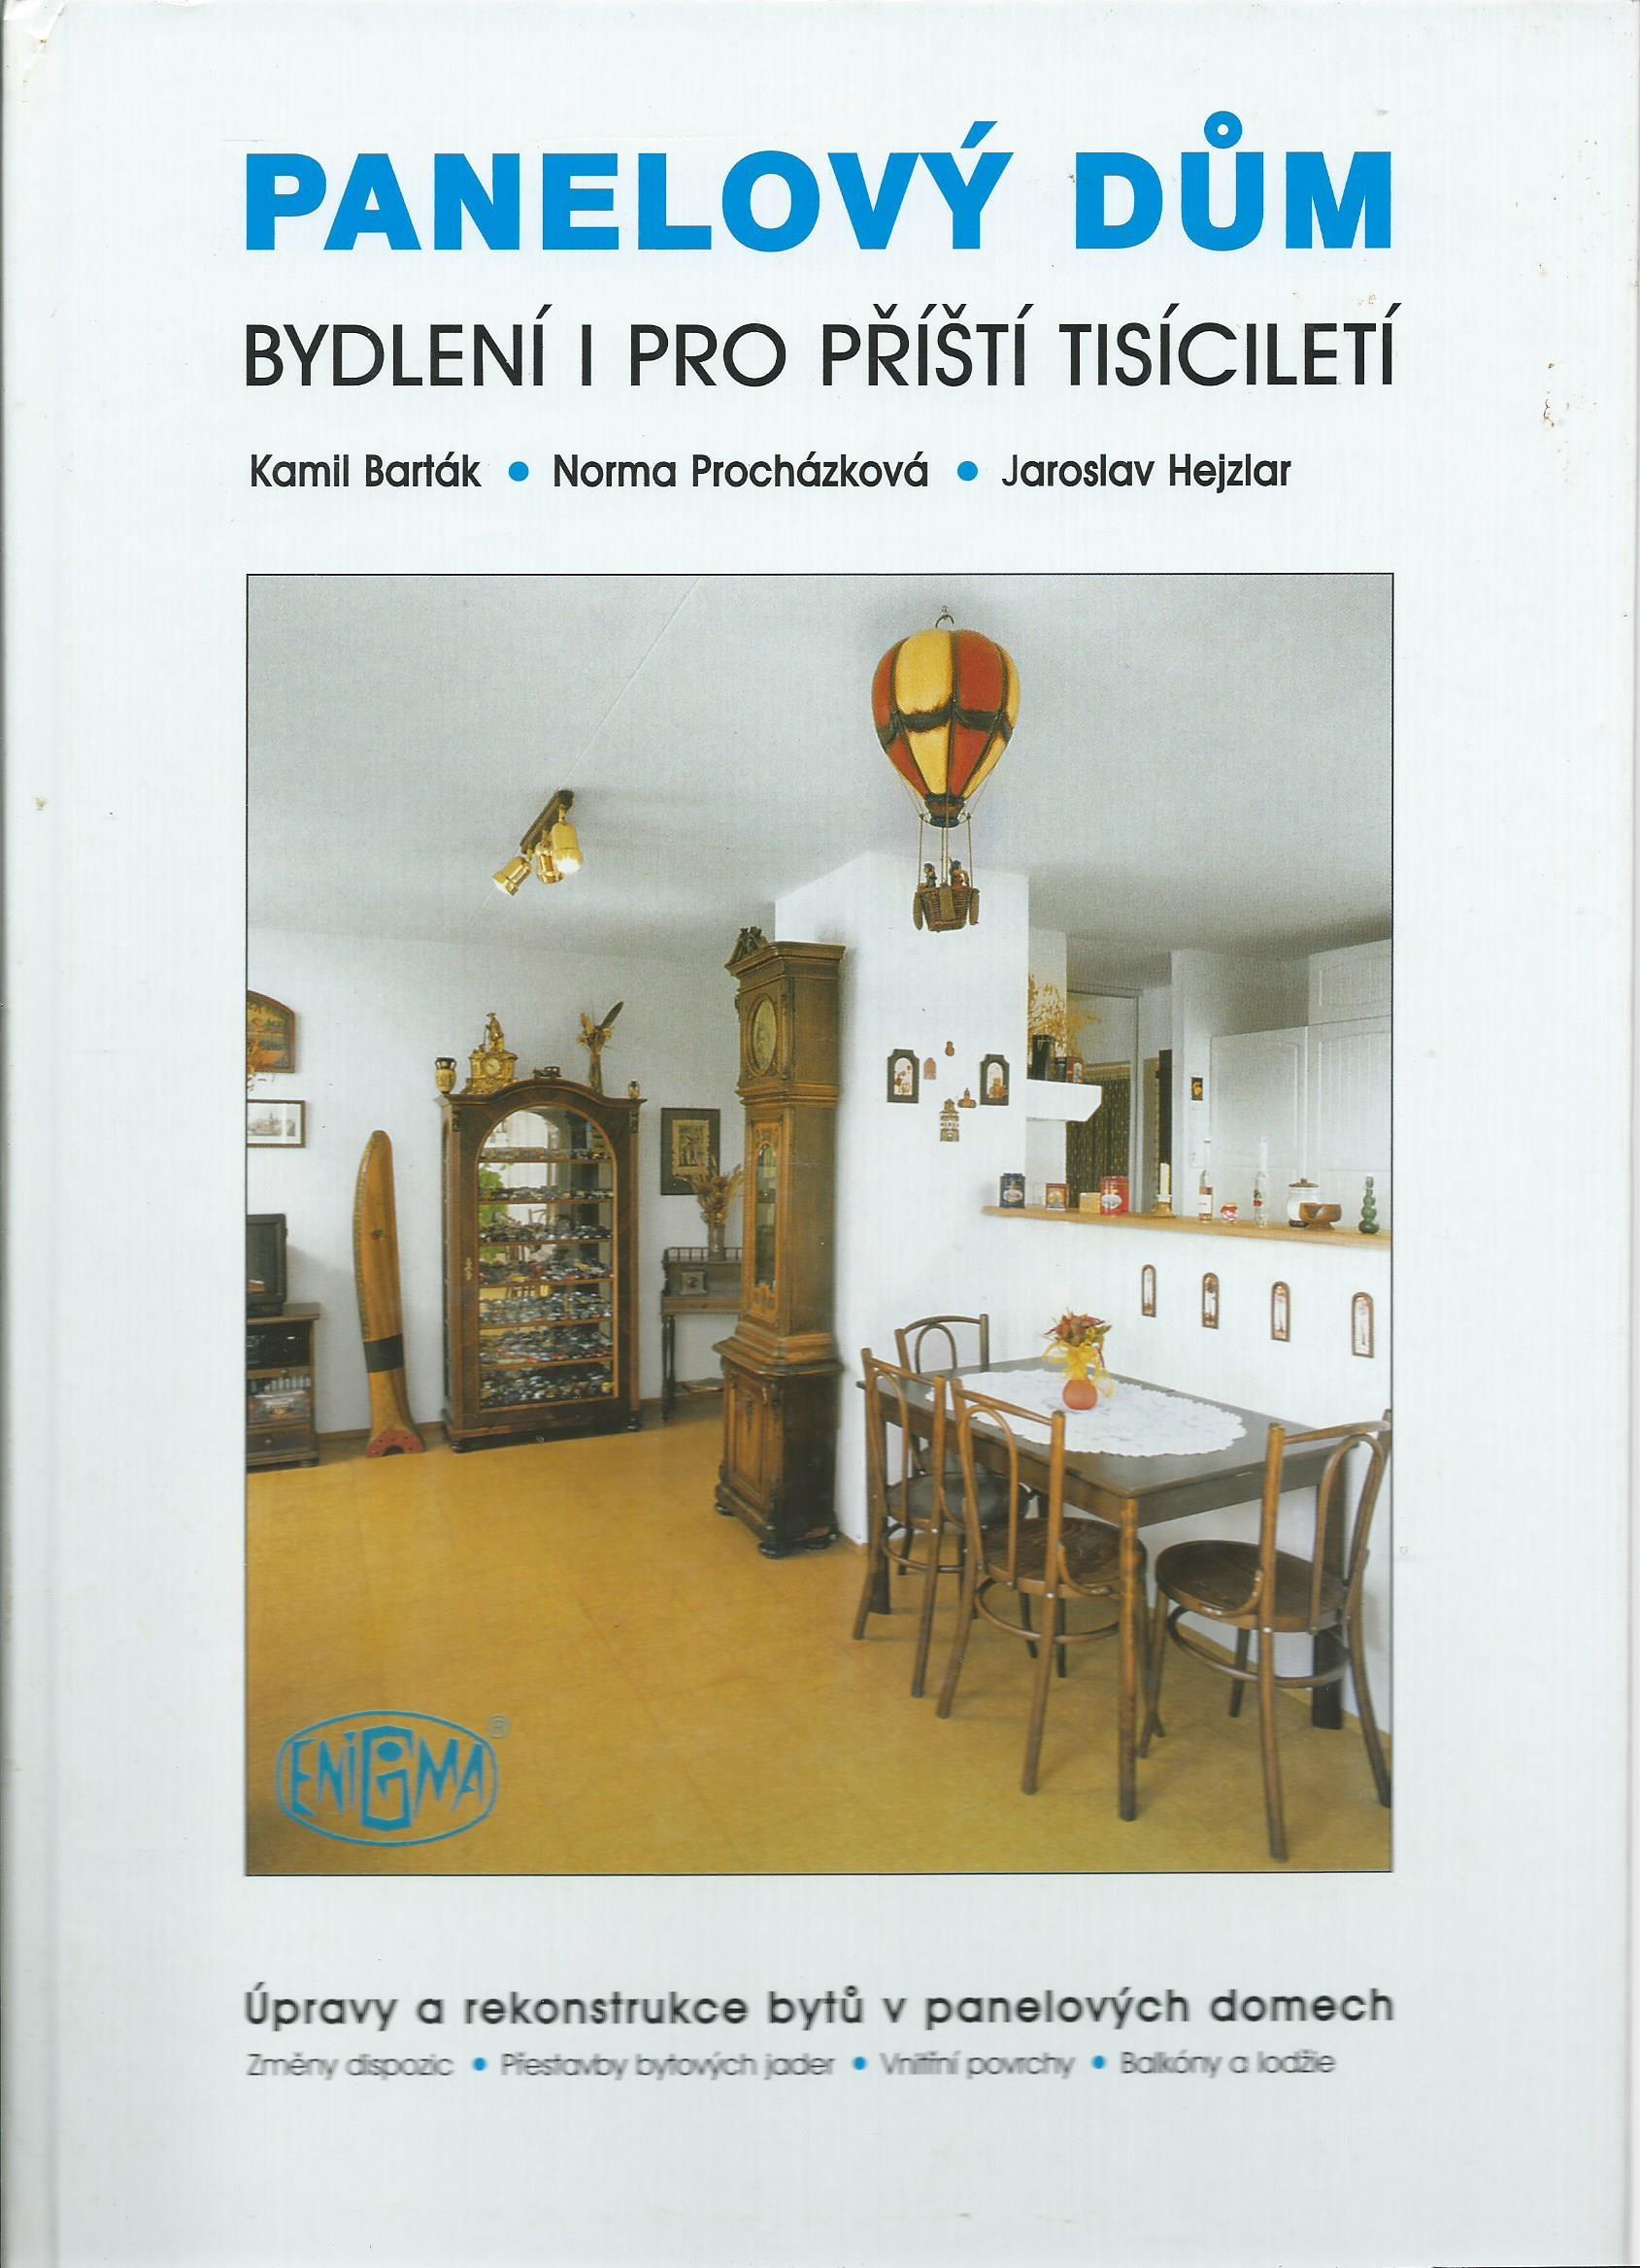 Panelový dům: K. Barták, N. Procházková, J. Hejzar